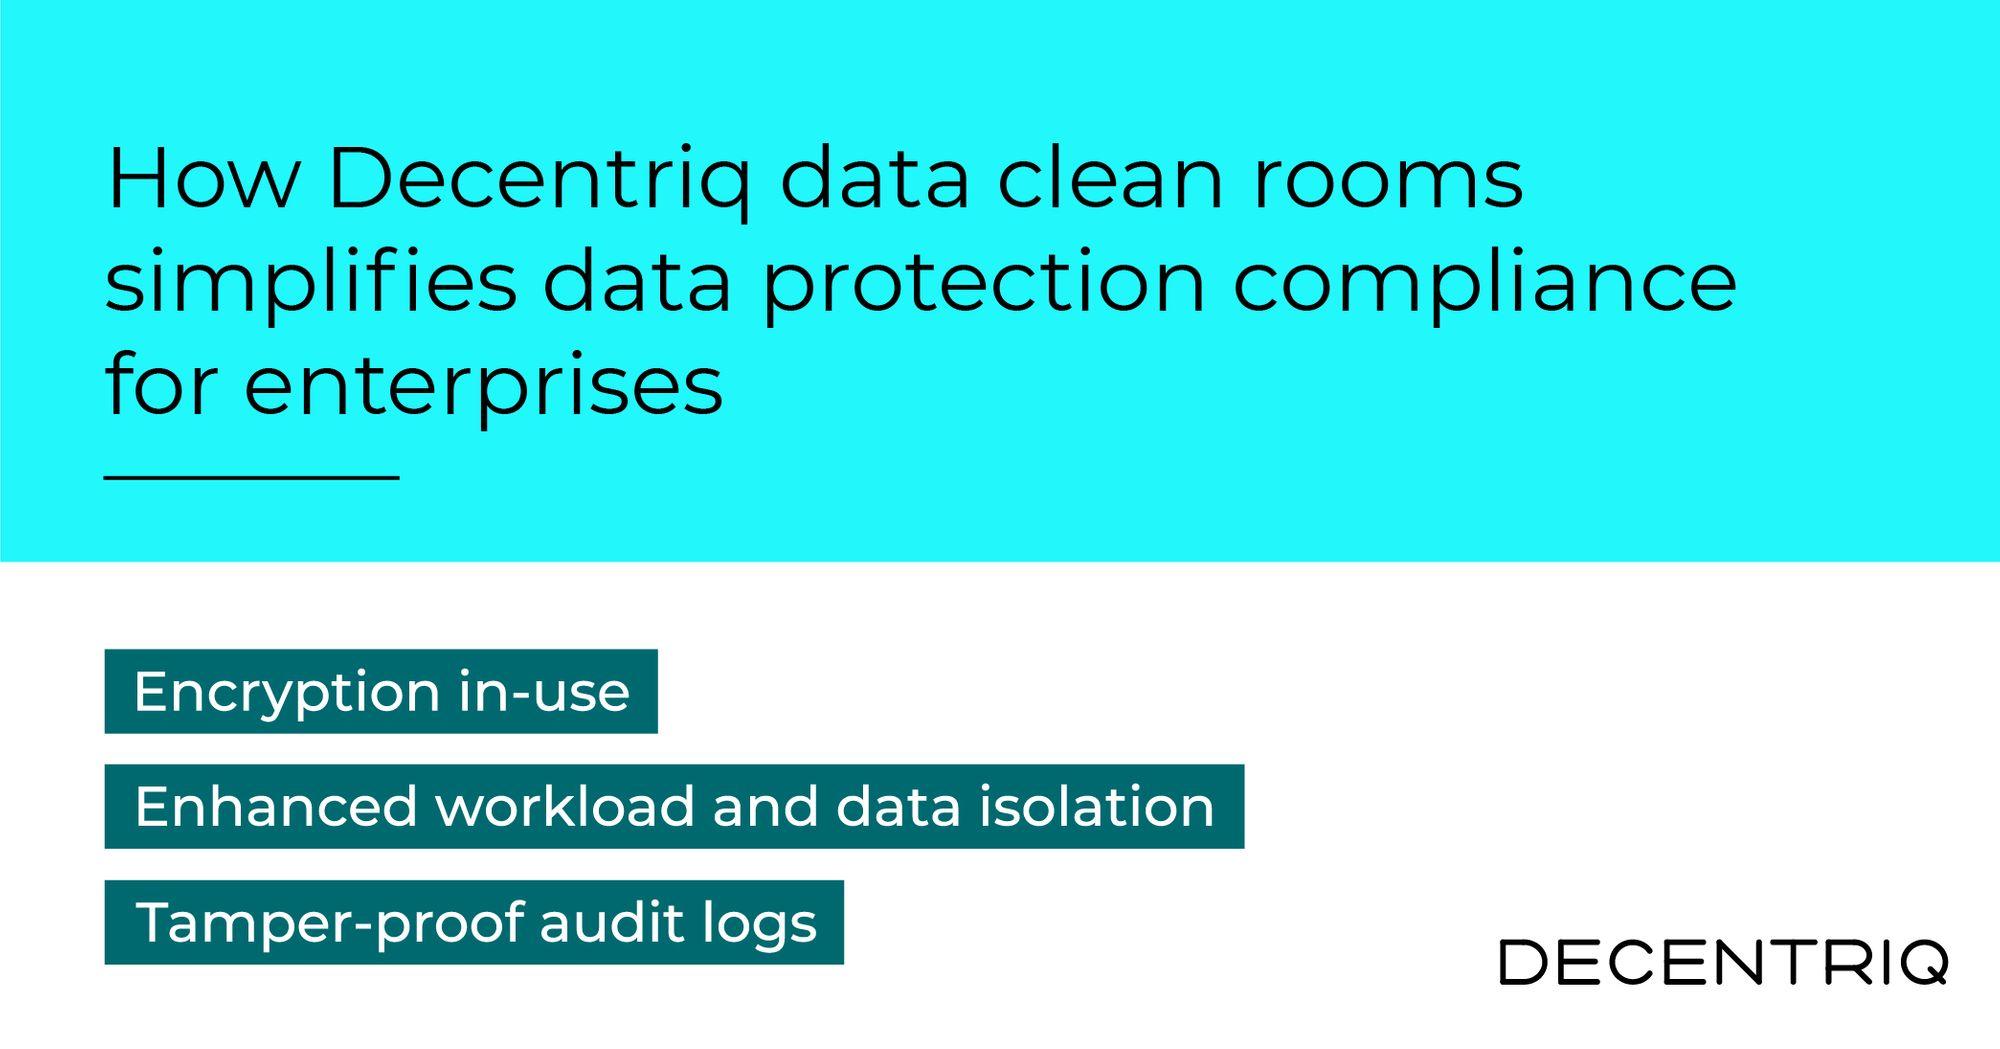 How Decentriq's data clean rooms simplifies data protection compliance for enterprises